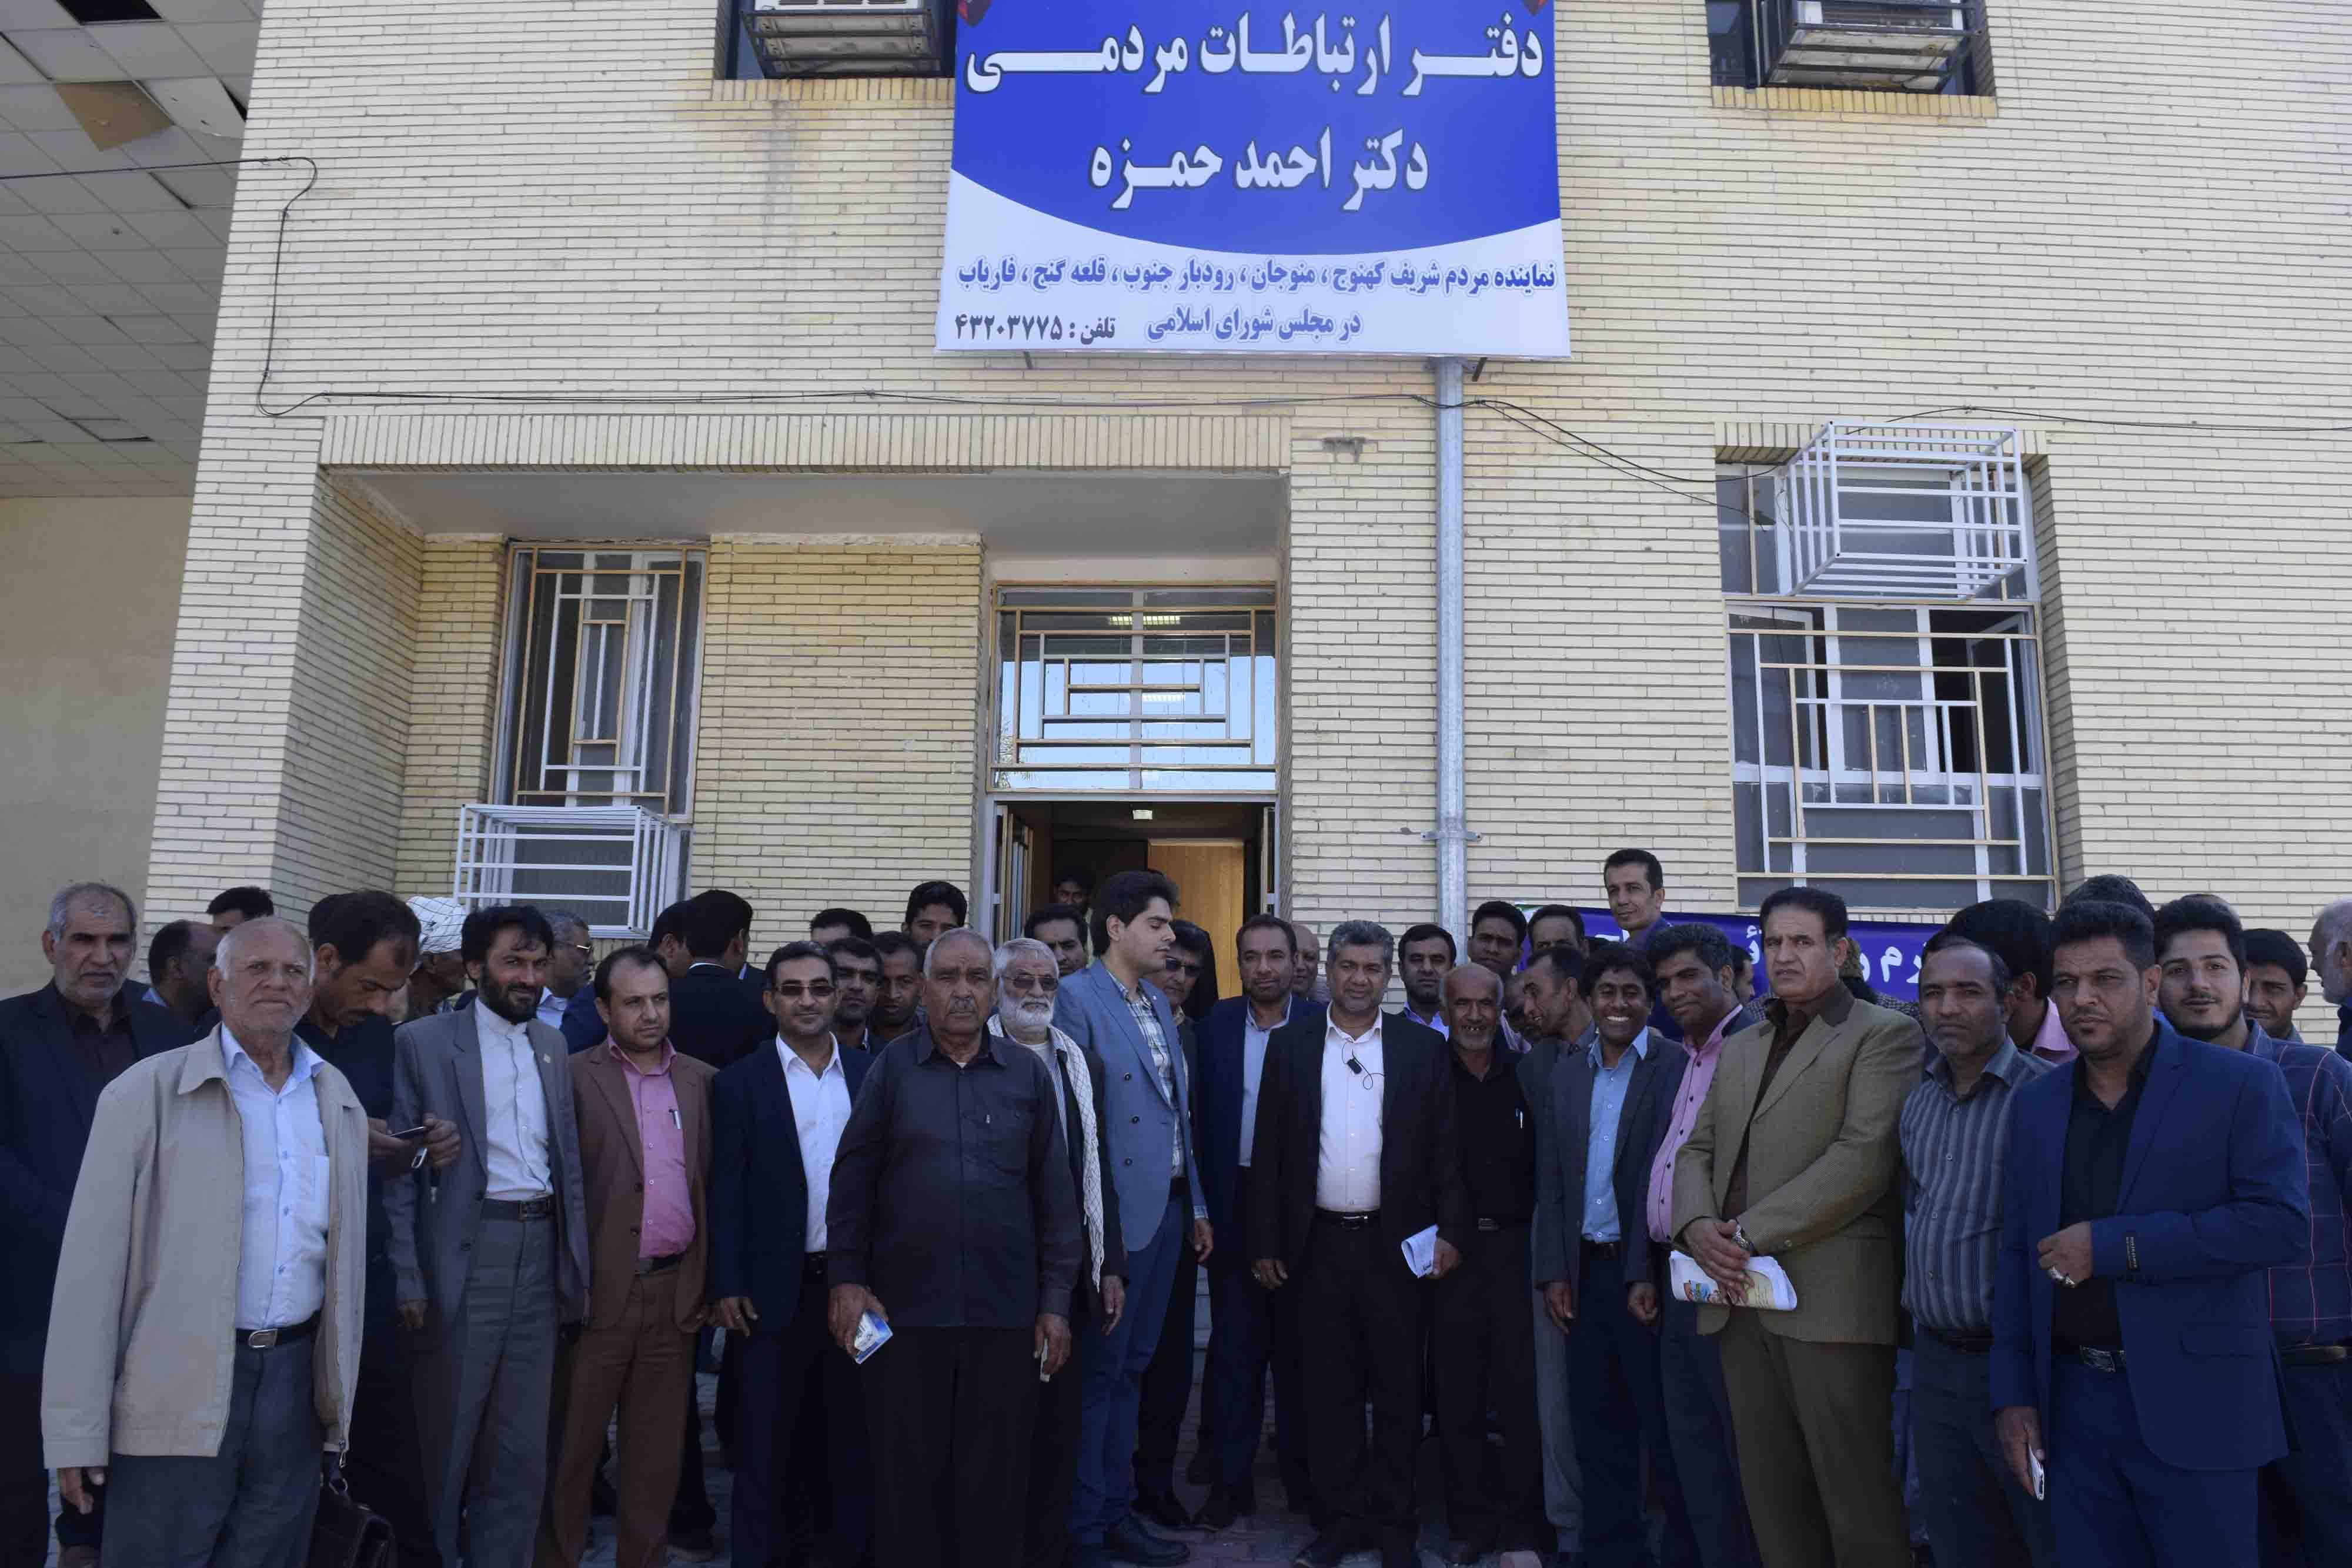 افتتاح دفتر مردمی(دکتر حمزه ) نماینده پنج شهرستان جنوبی کرمان در کهنوج